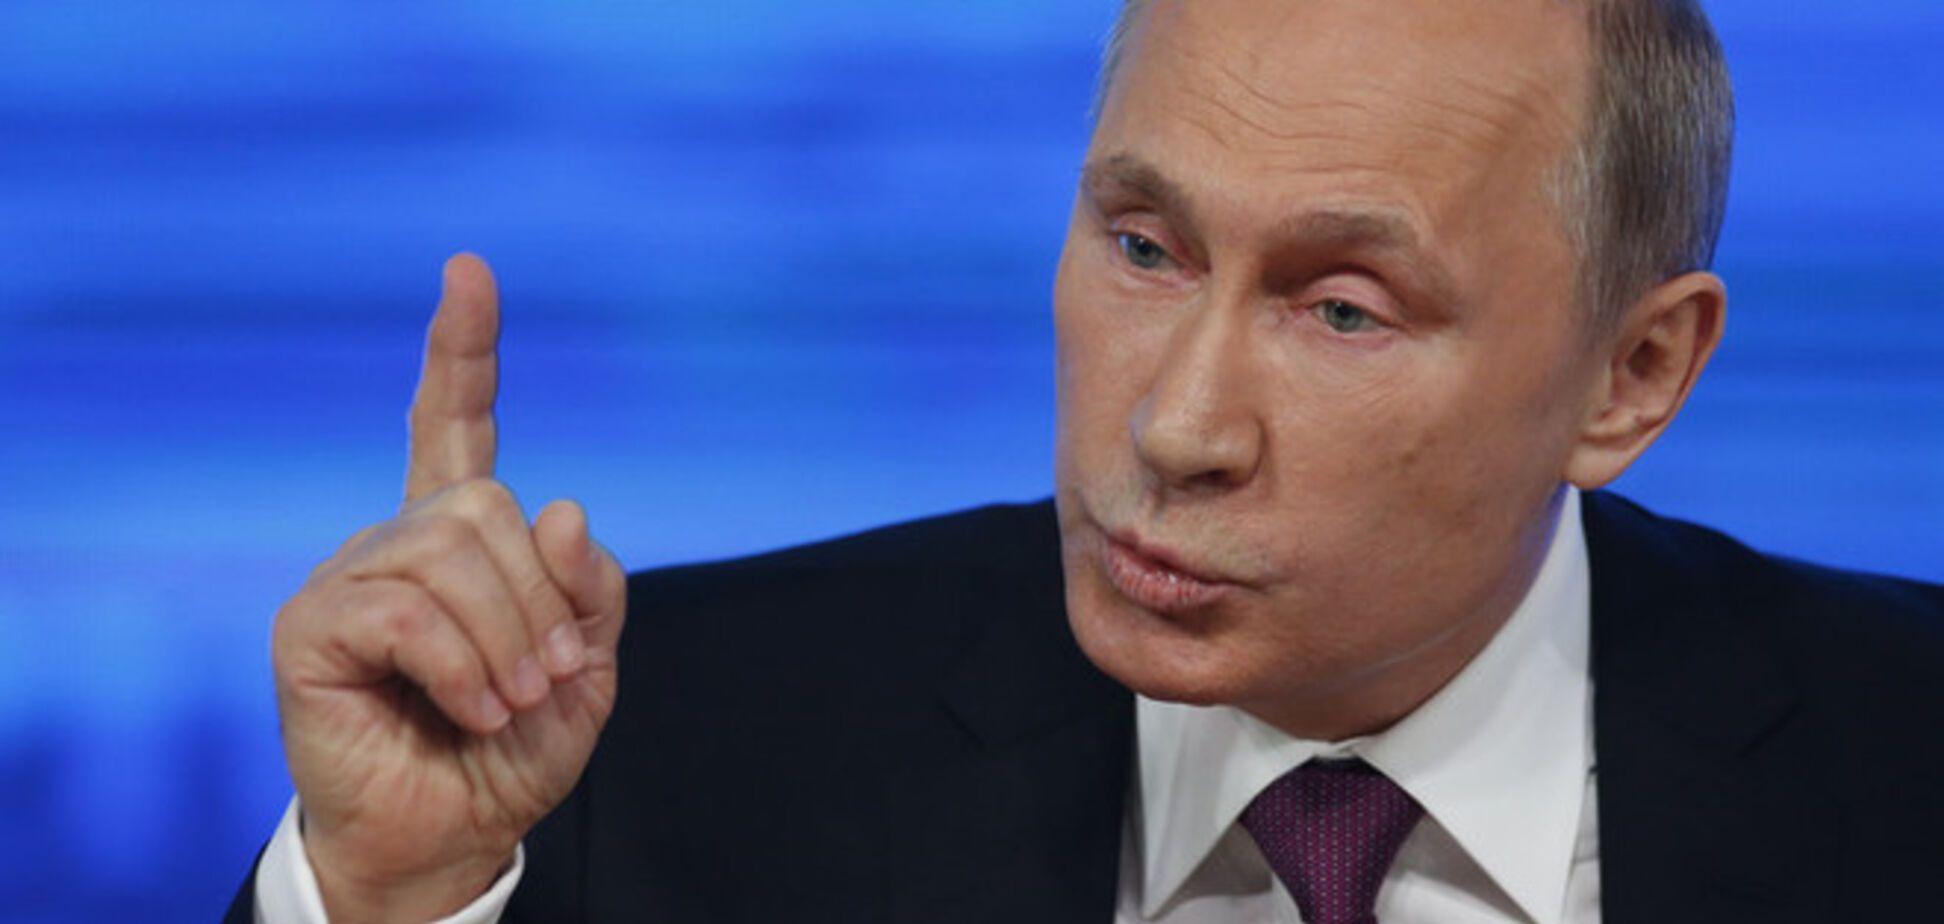 Путин – Собчак о травле инакомыслящих в России: бандерлоги существуют. Это Киплинг  сказал, а не я